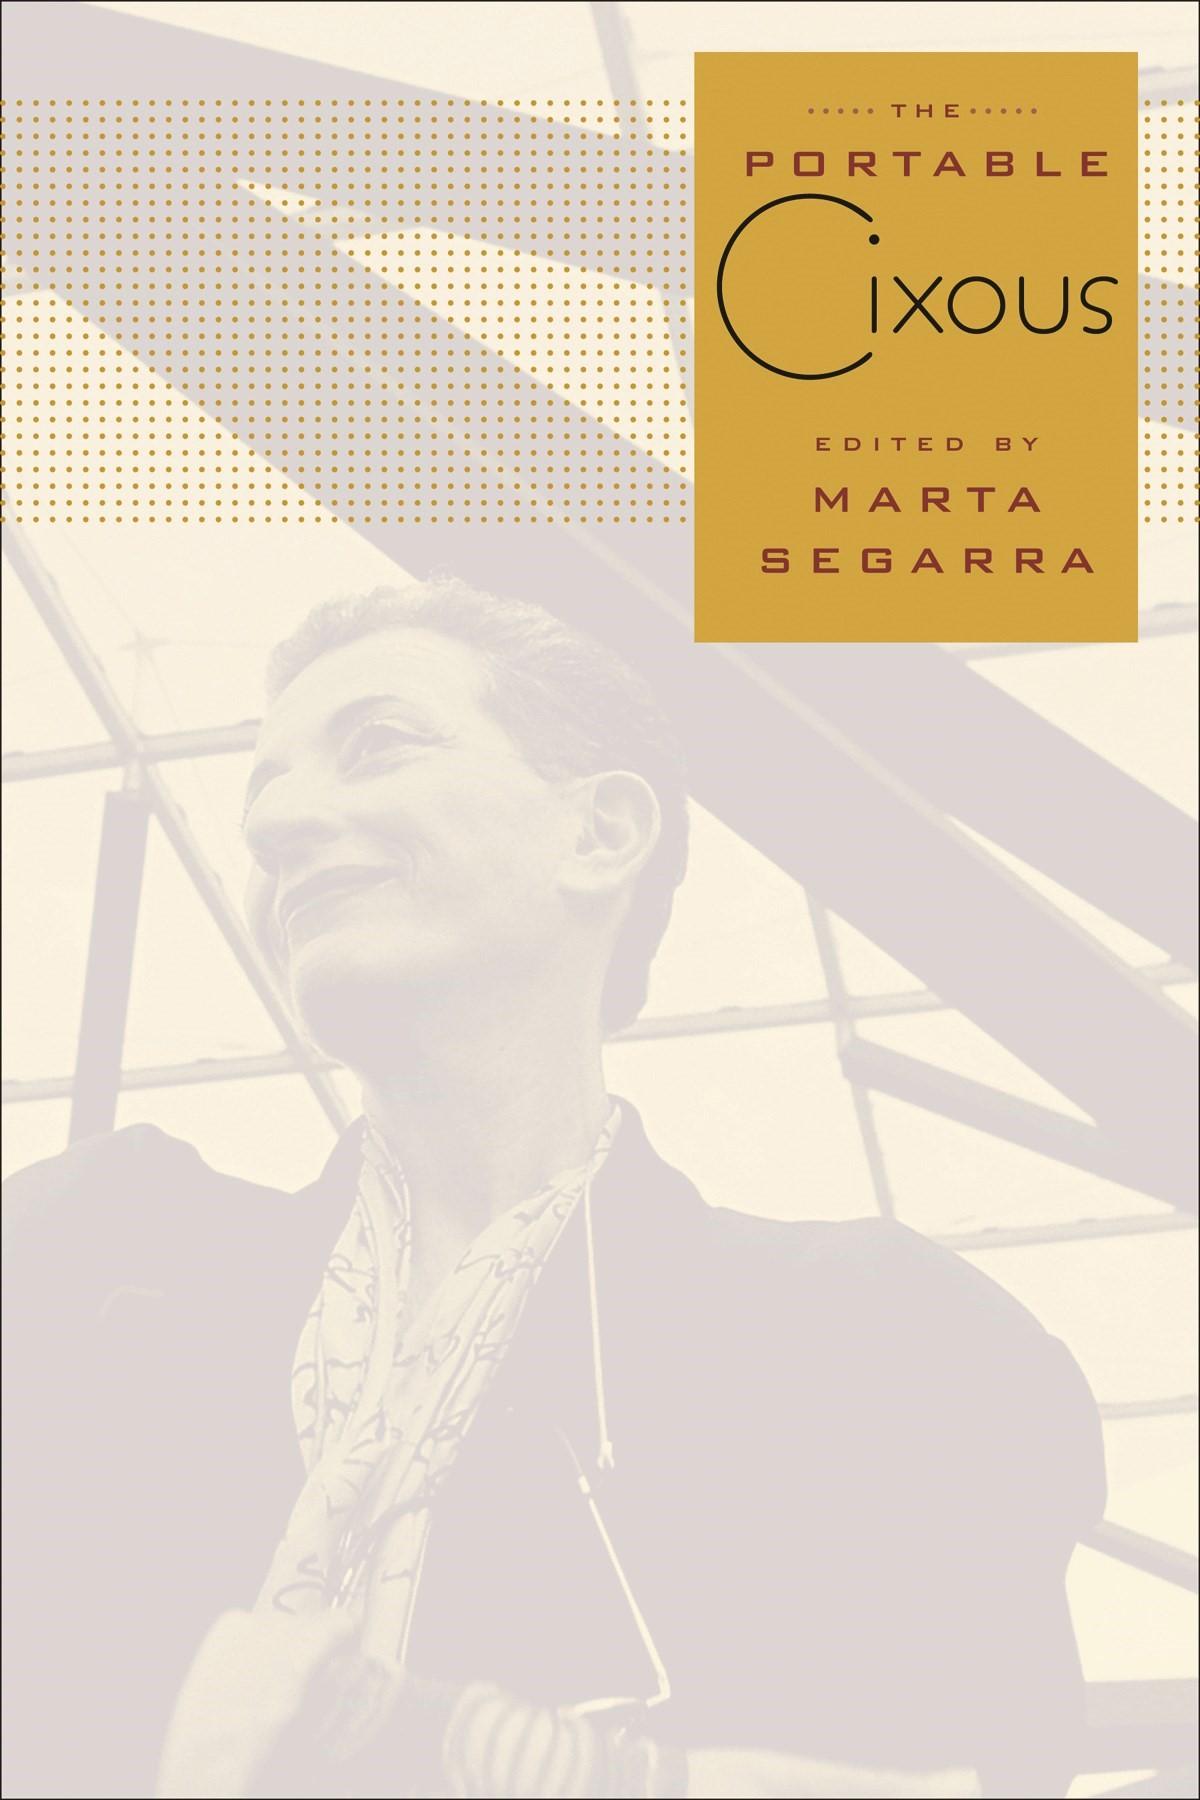 Abbildung von Cixous / Segarra | The Portable Cixous | 2010